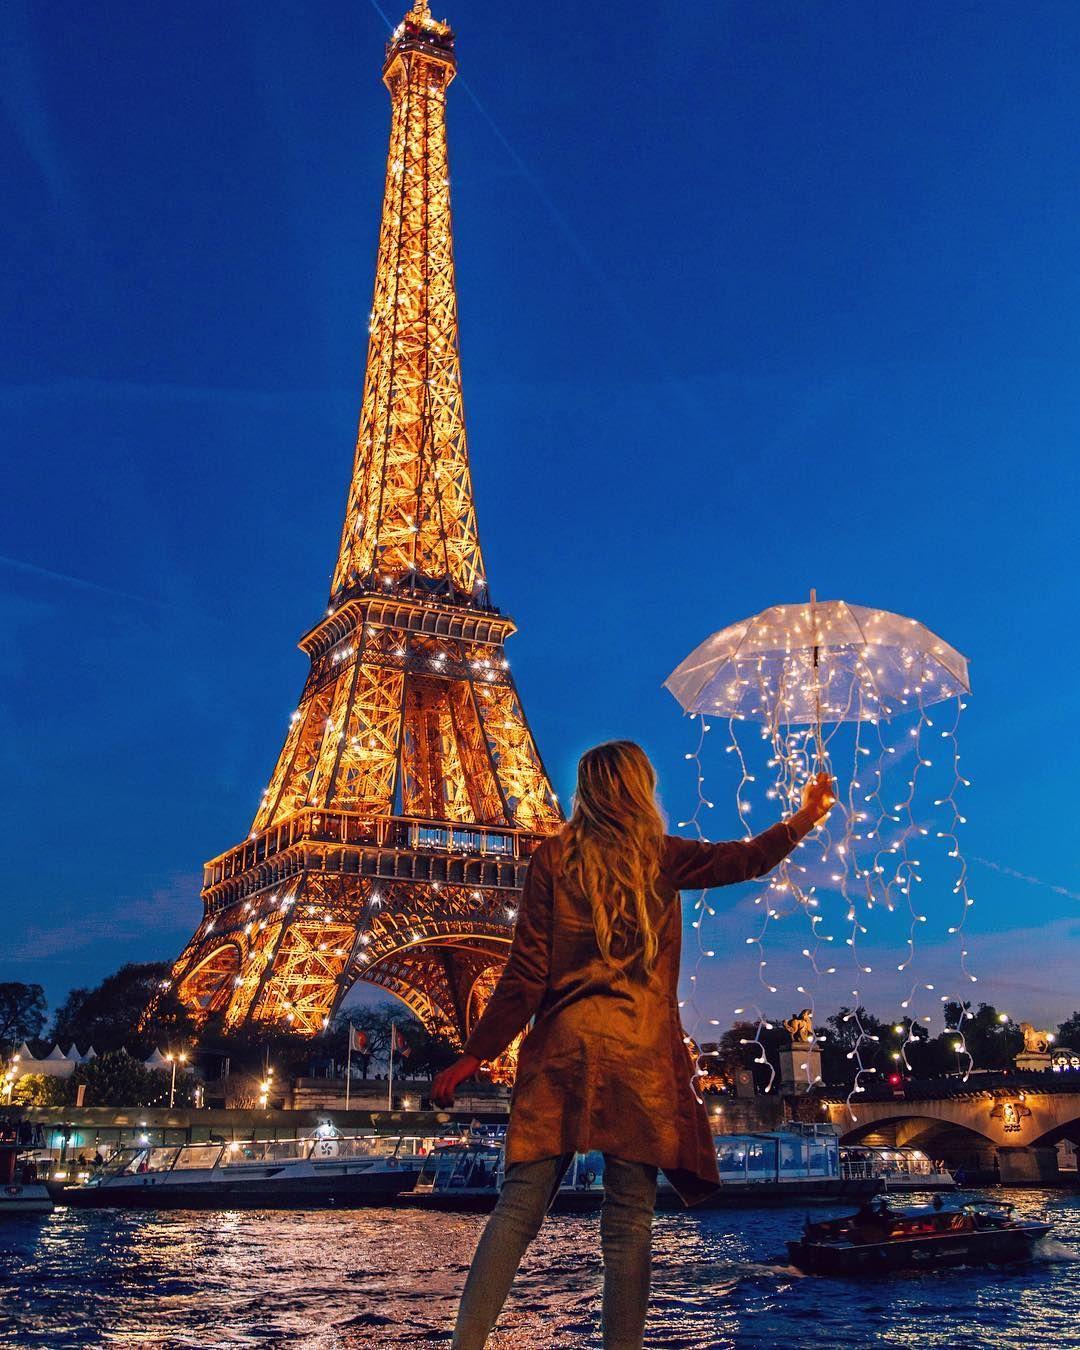 Sous Une Pluie D étoiles : pluie, étoiles, Margaux, Lopez, Instagram:, Umbrella, ✨☂️, 🇫🇷, Pluie, D'étoiles, Paraplui…, Poses, Fotográficas,, Tumblr, Sozinha,, Fotos, Tumblrs